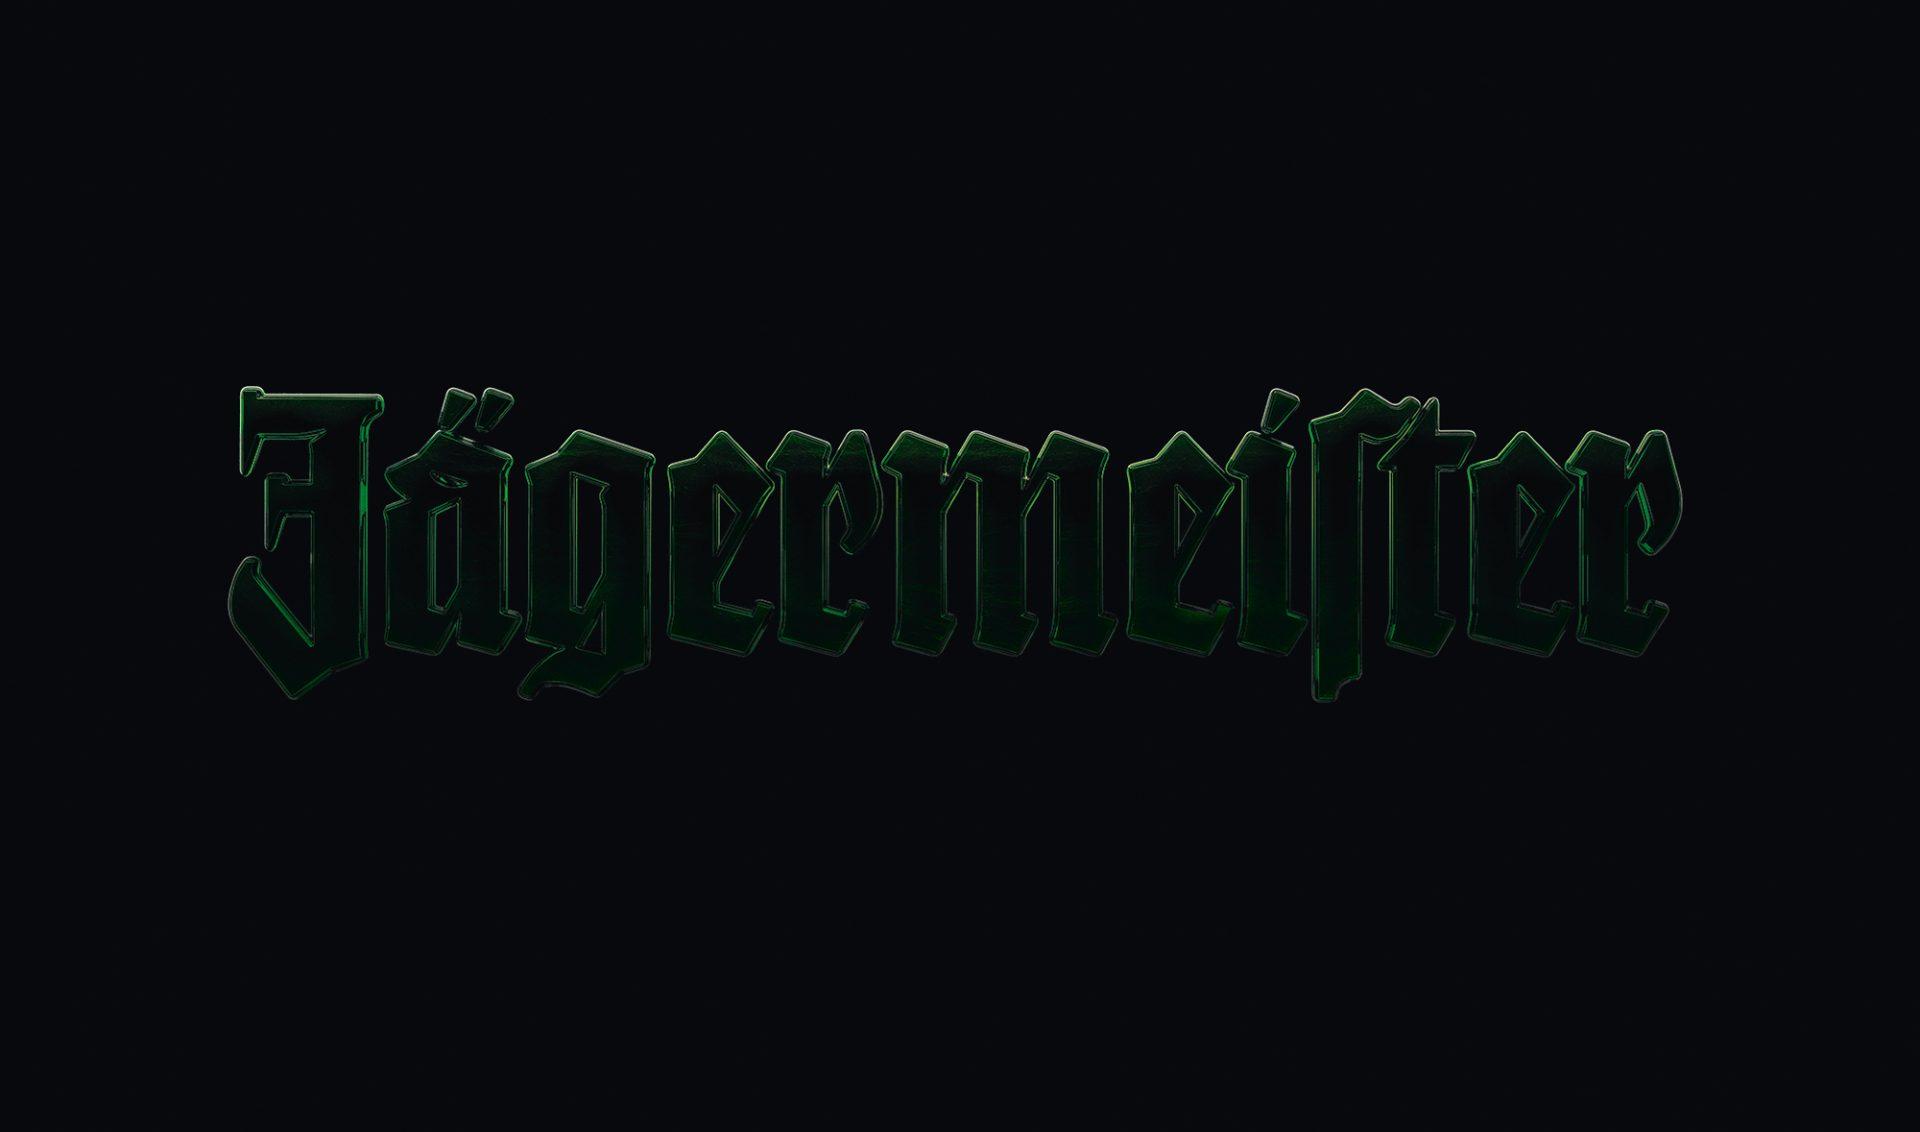 Wortmarke von Jägermeister in grün gegen einen schwarzen Hintergrund entwickelt von der Agentur Realgestalt als Teils des neuen Brand Designs